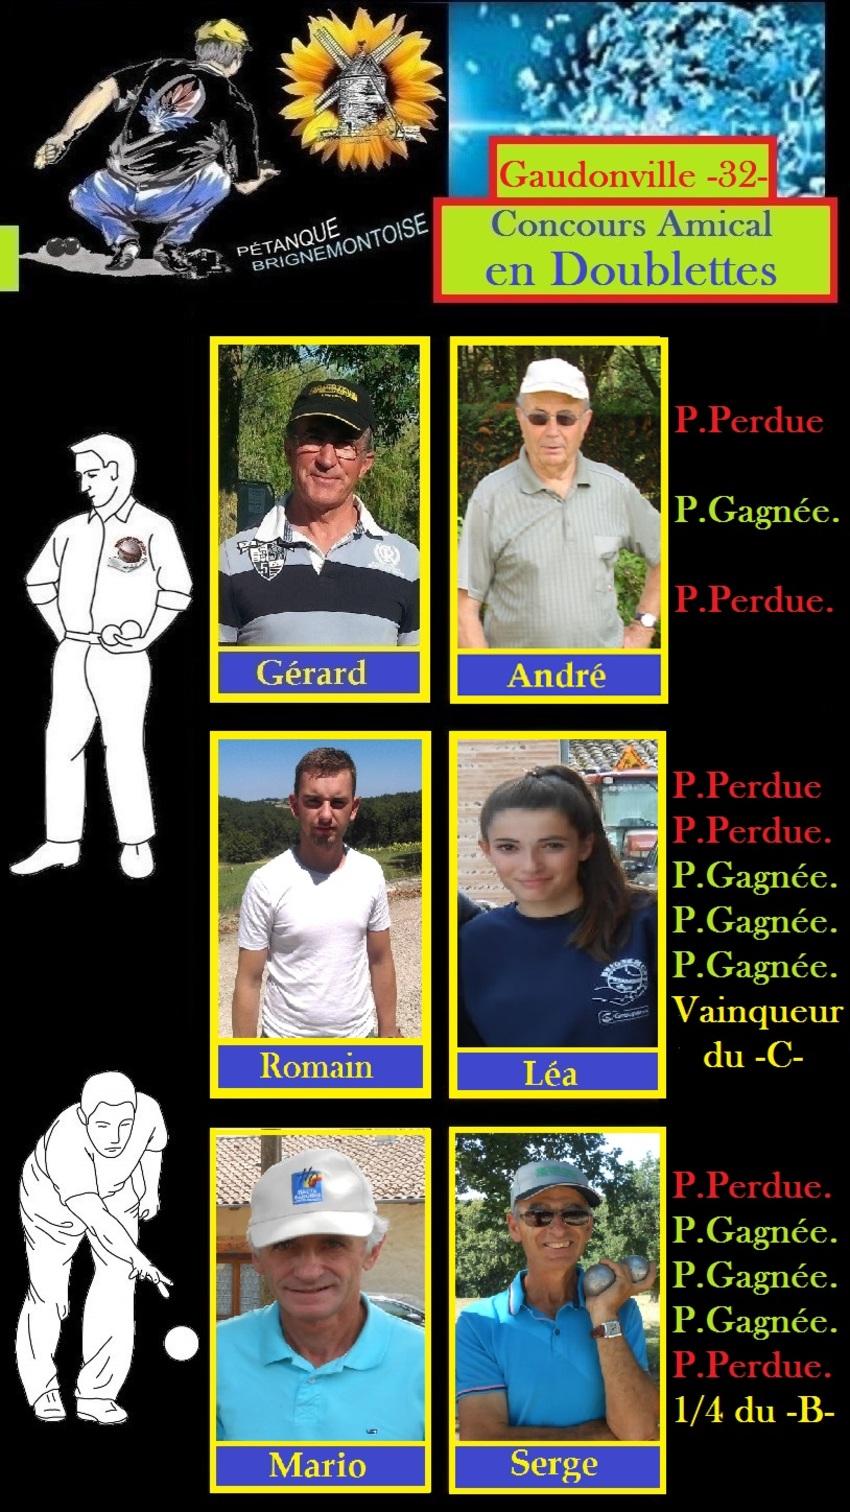 Concours de la Fête locale de Gaudonville -32-